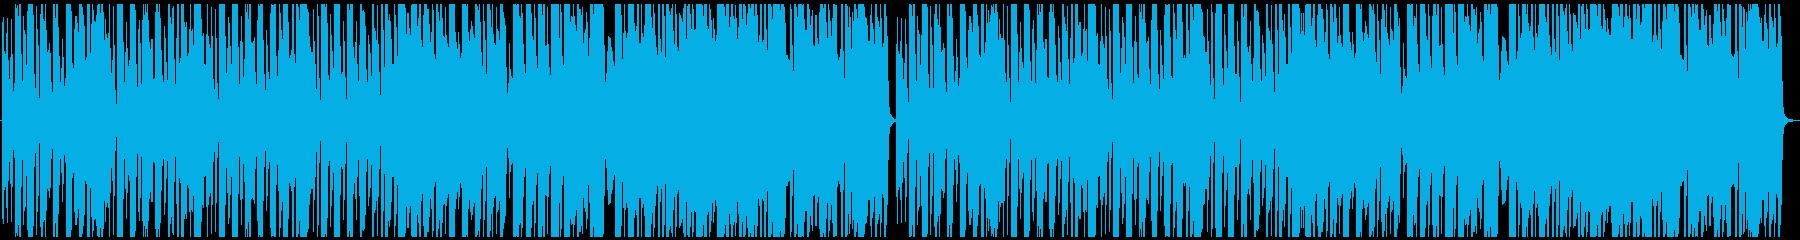 おしゃれなカフェBGMの再生済みの波形